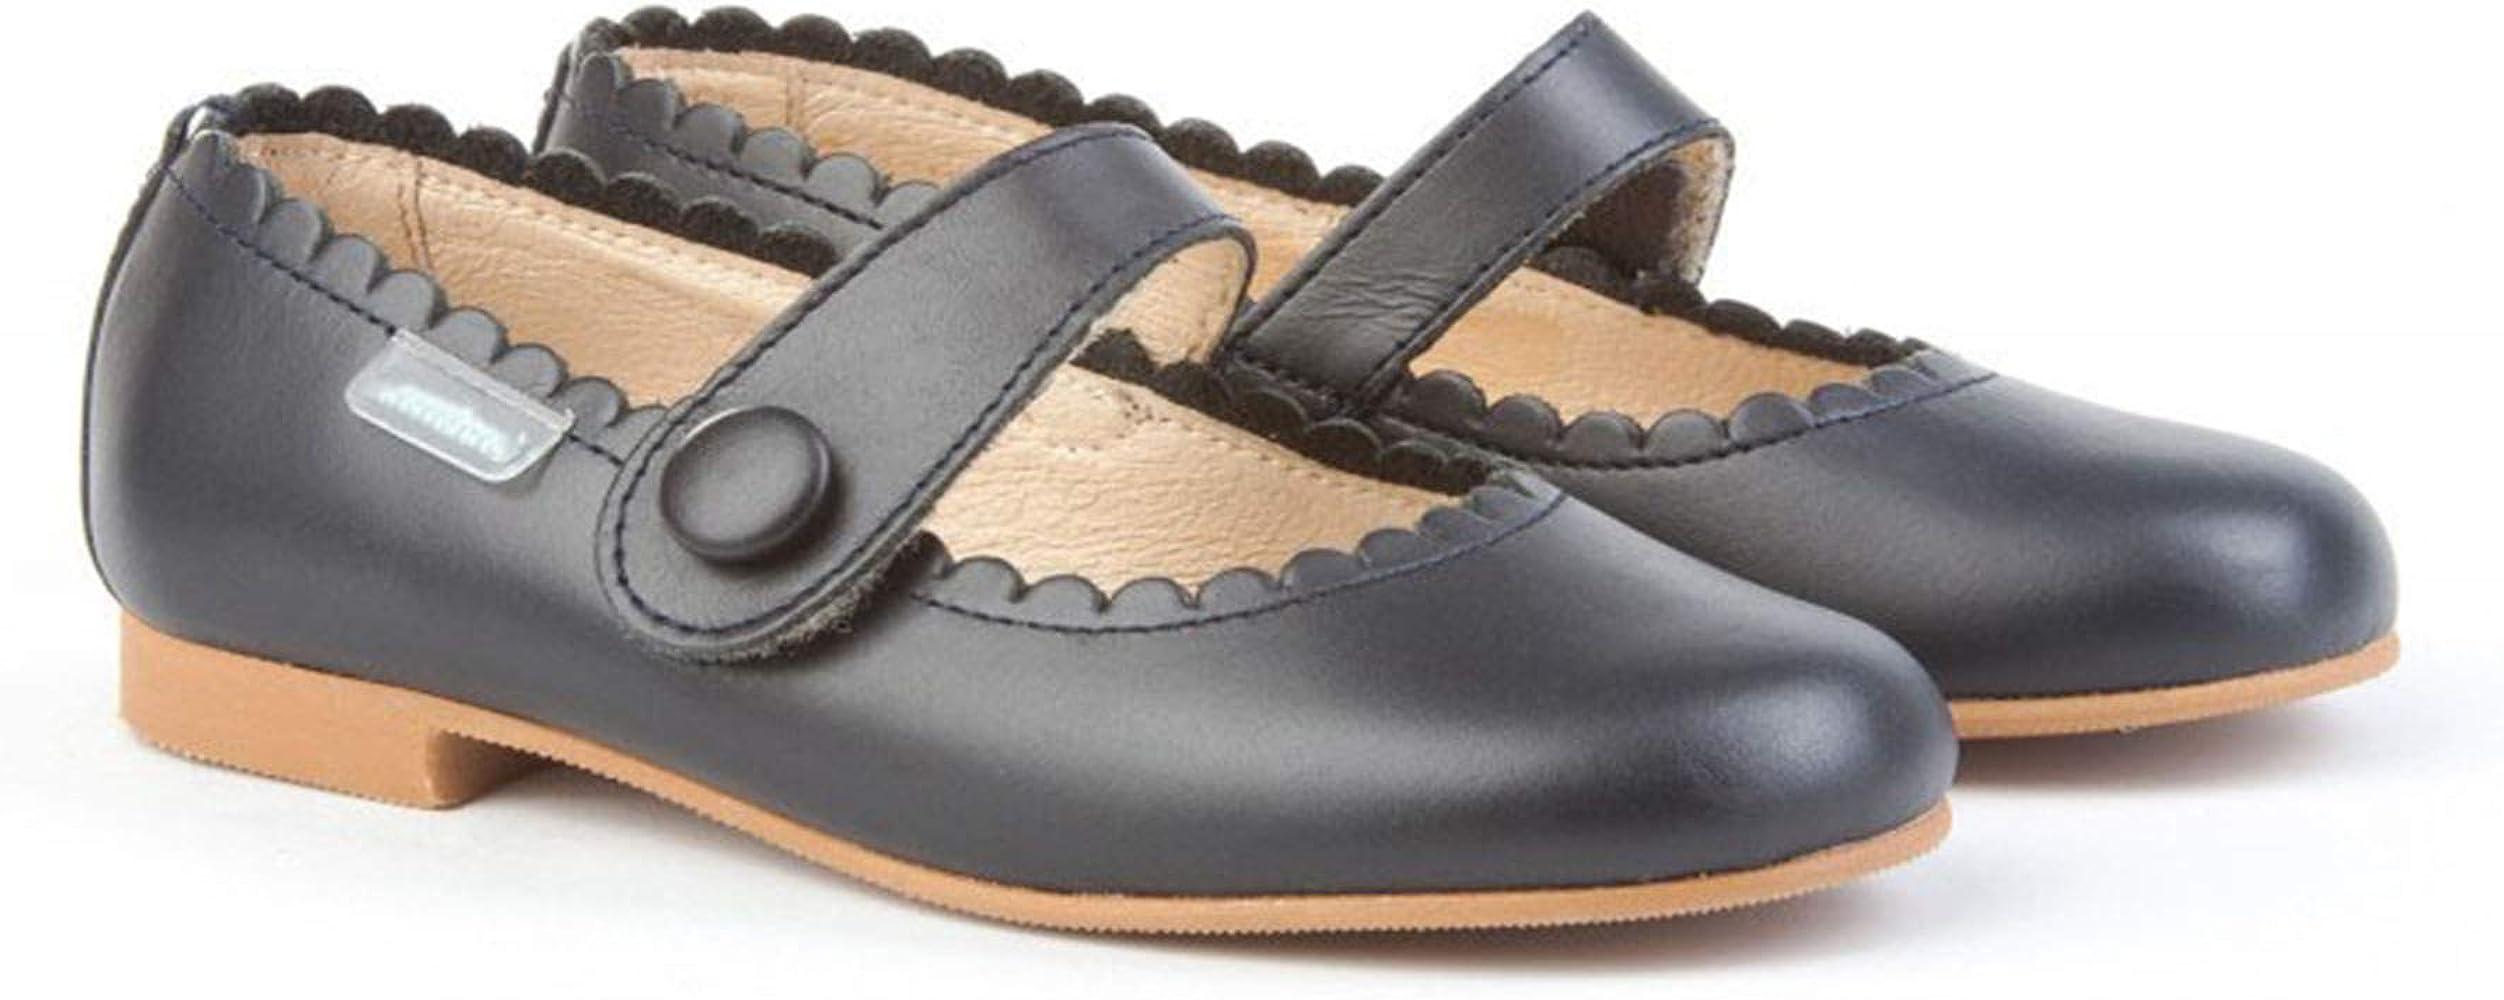 Zapatos Merceditas de niña con Cierre de Velcro. Este Zapato Francesita está Fabricado en Piel y Hecho en España - Mi Pequeña Modelo 1512I Color Azul Marino.: Amazon.es: Zapatos y complementos